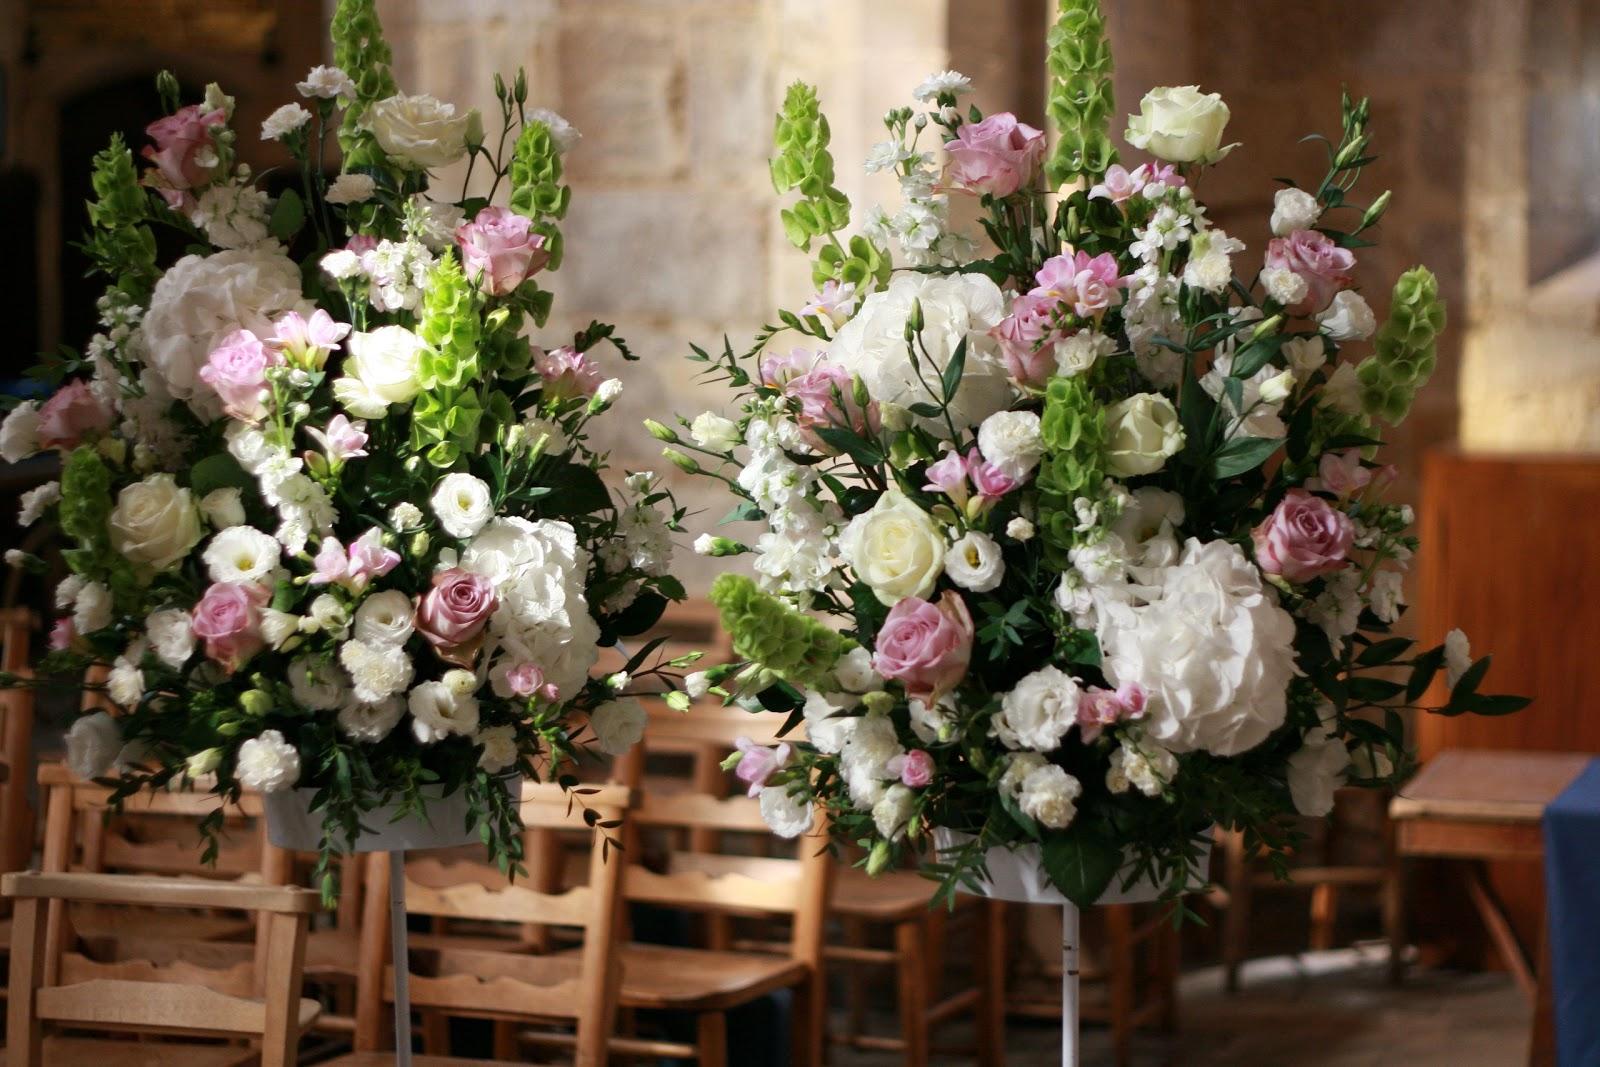 flowers for a church wedding - wedding flowers 2013